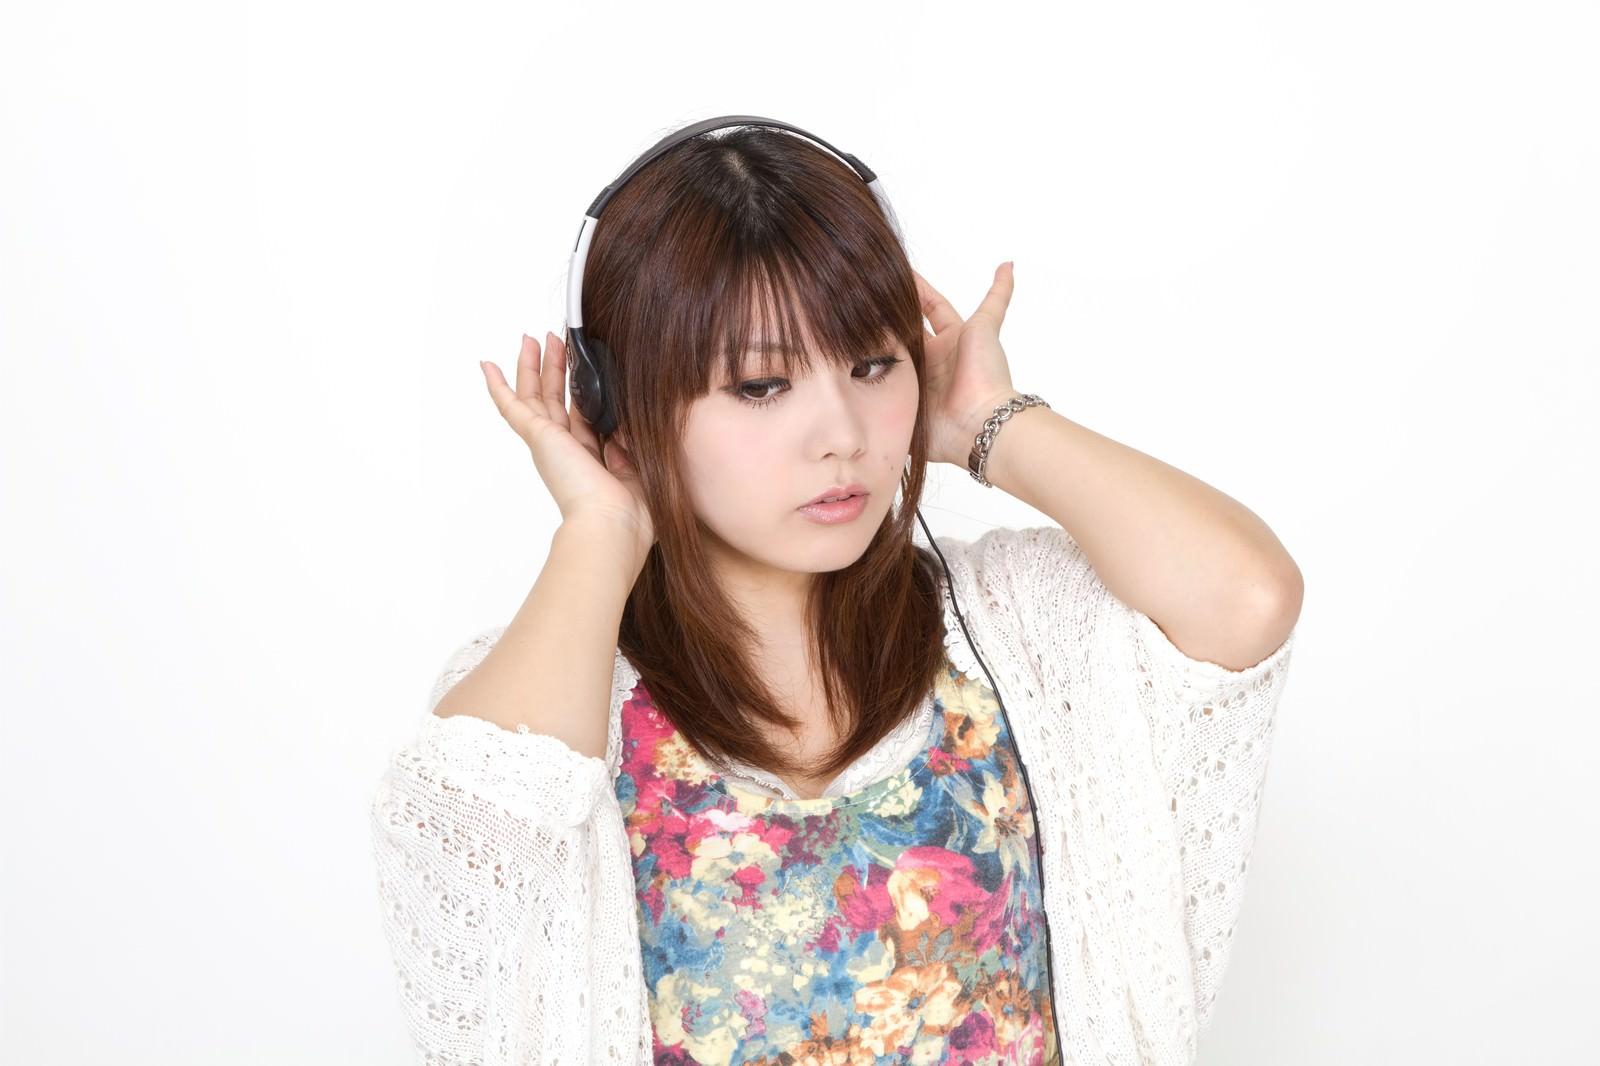 「ヘッドフォンで音楽を聴く女性」[モデル:Lala]